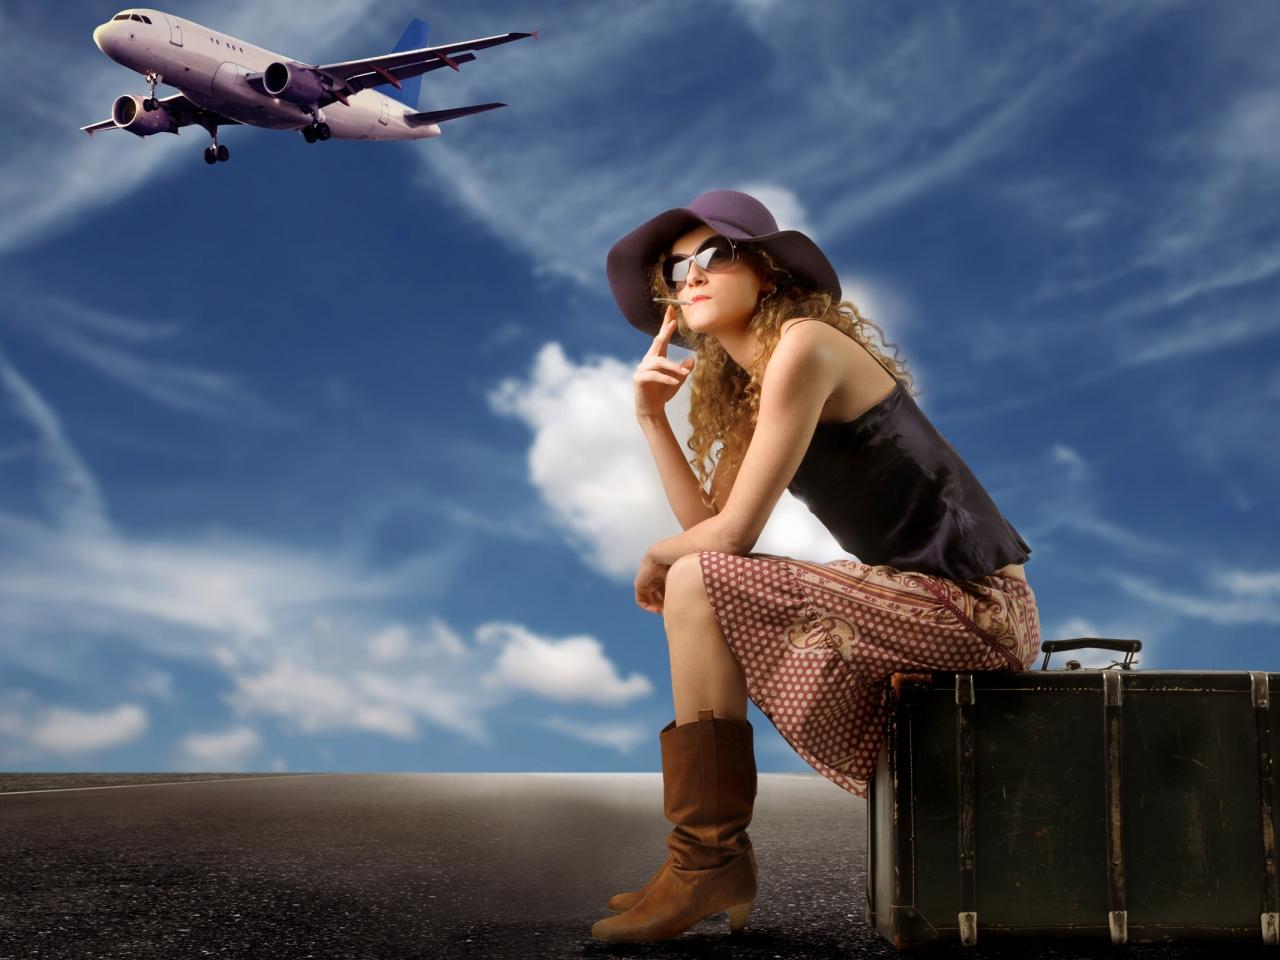 Una chica viajera y sus maletas - 1280x960